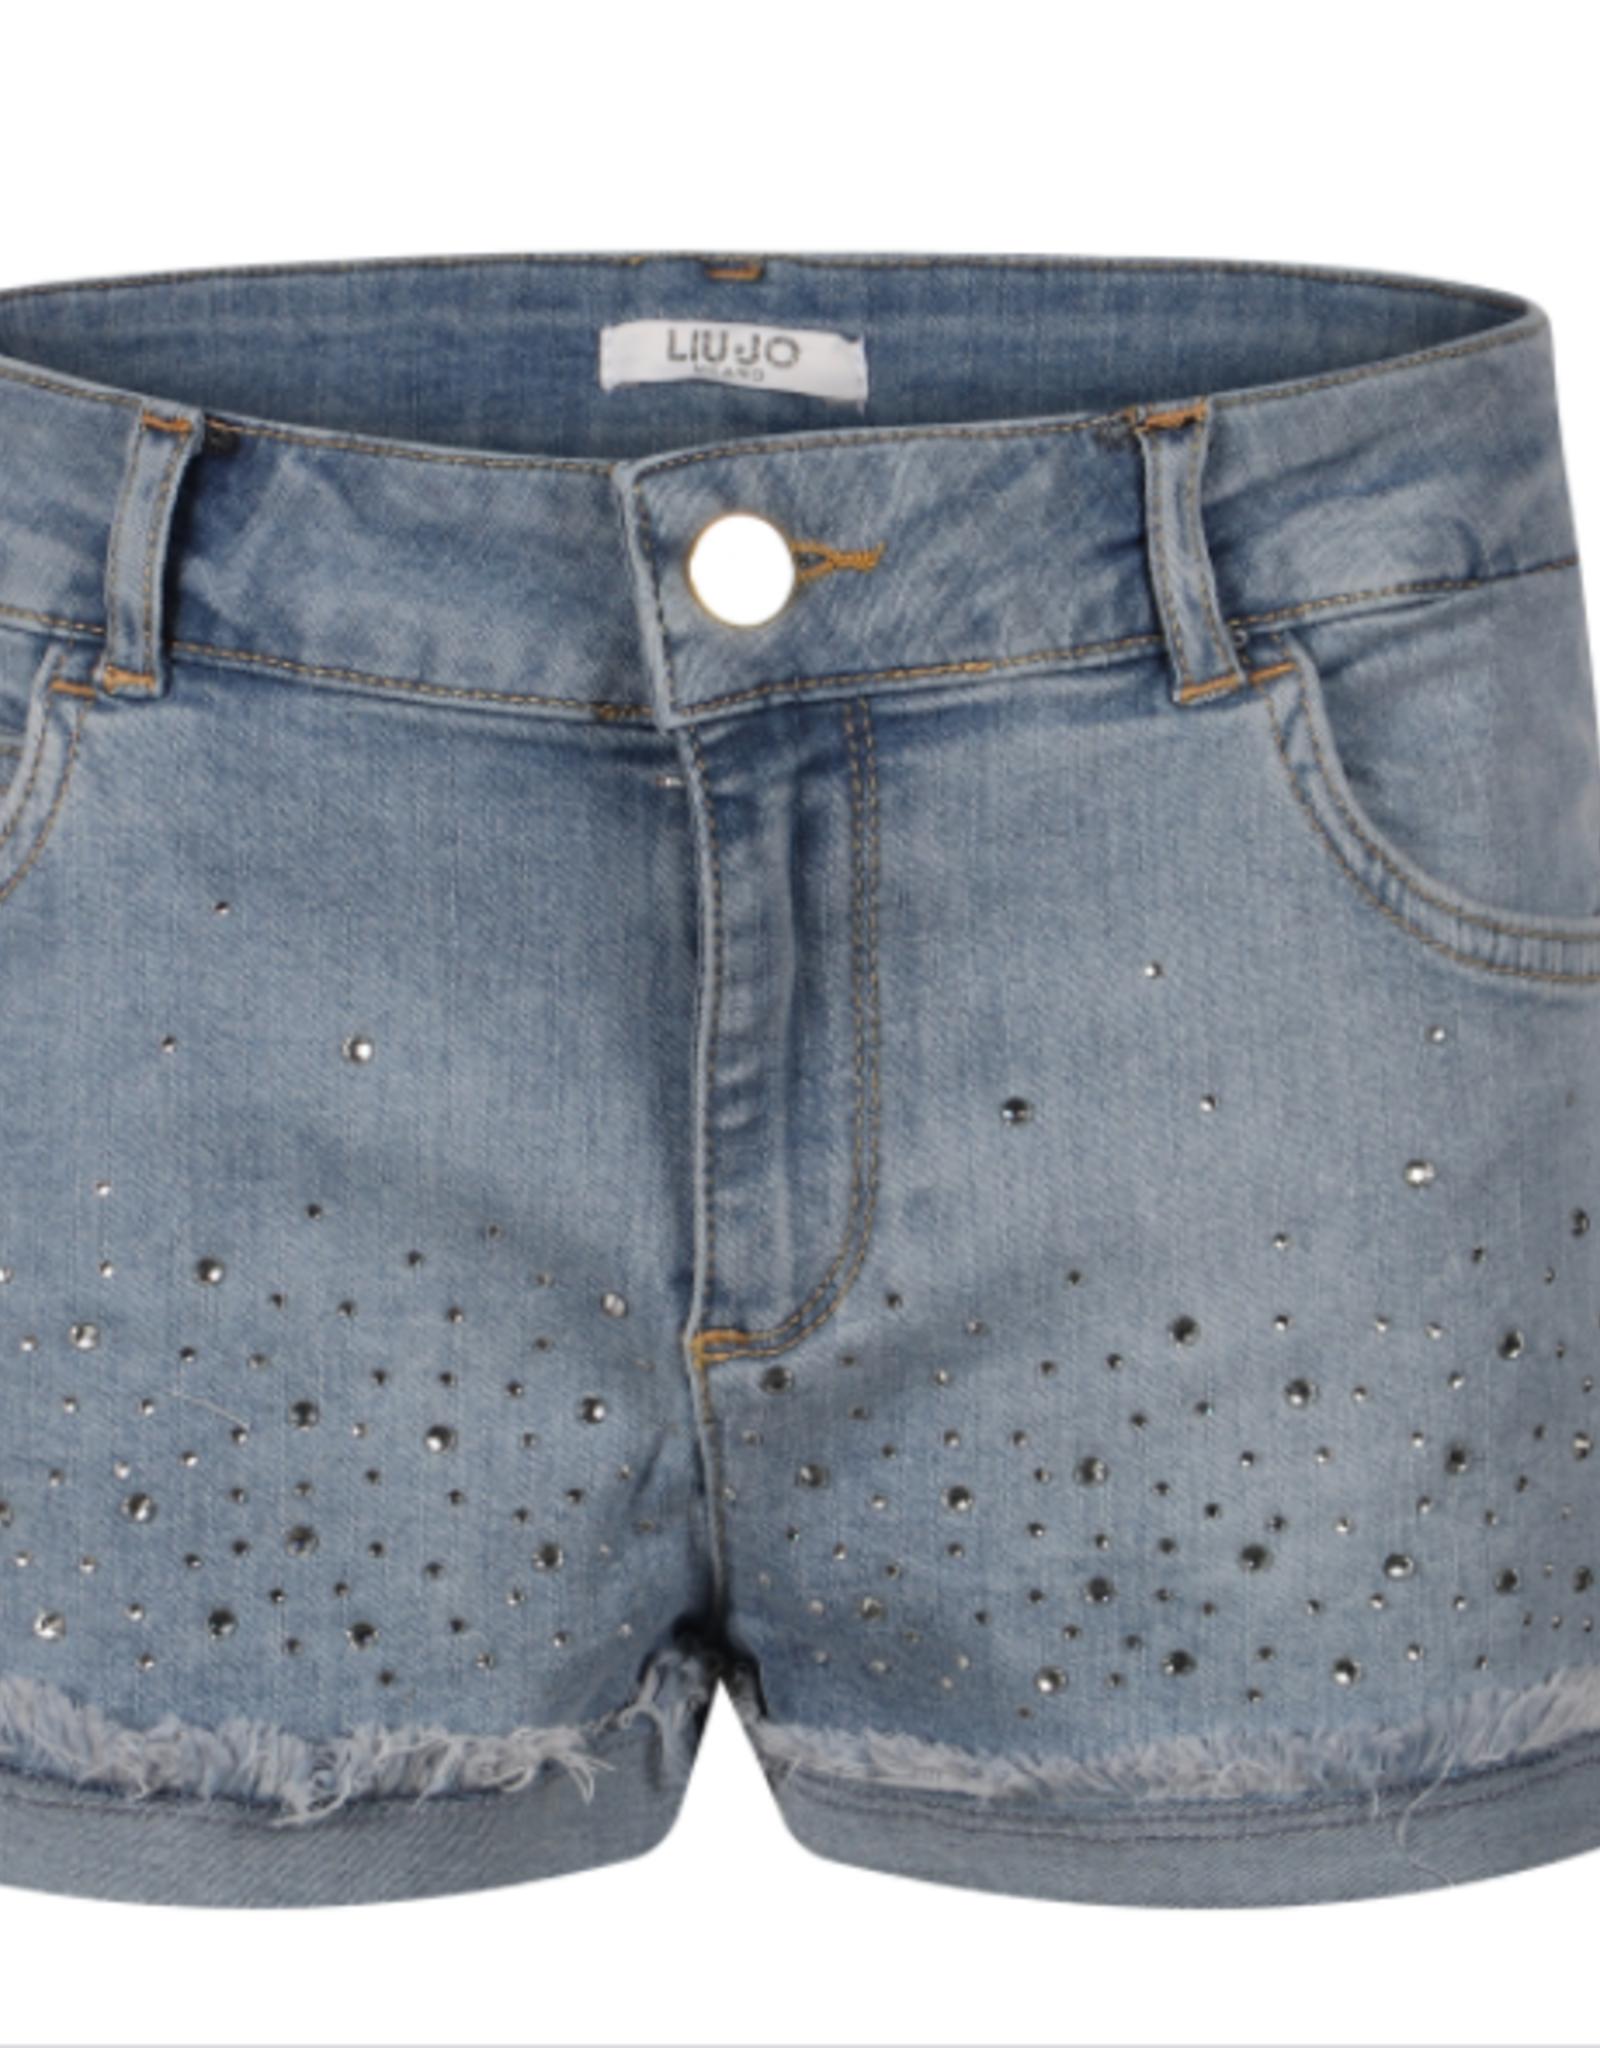 LIU JO Jeans short met strass steentjes